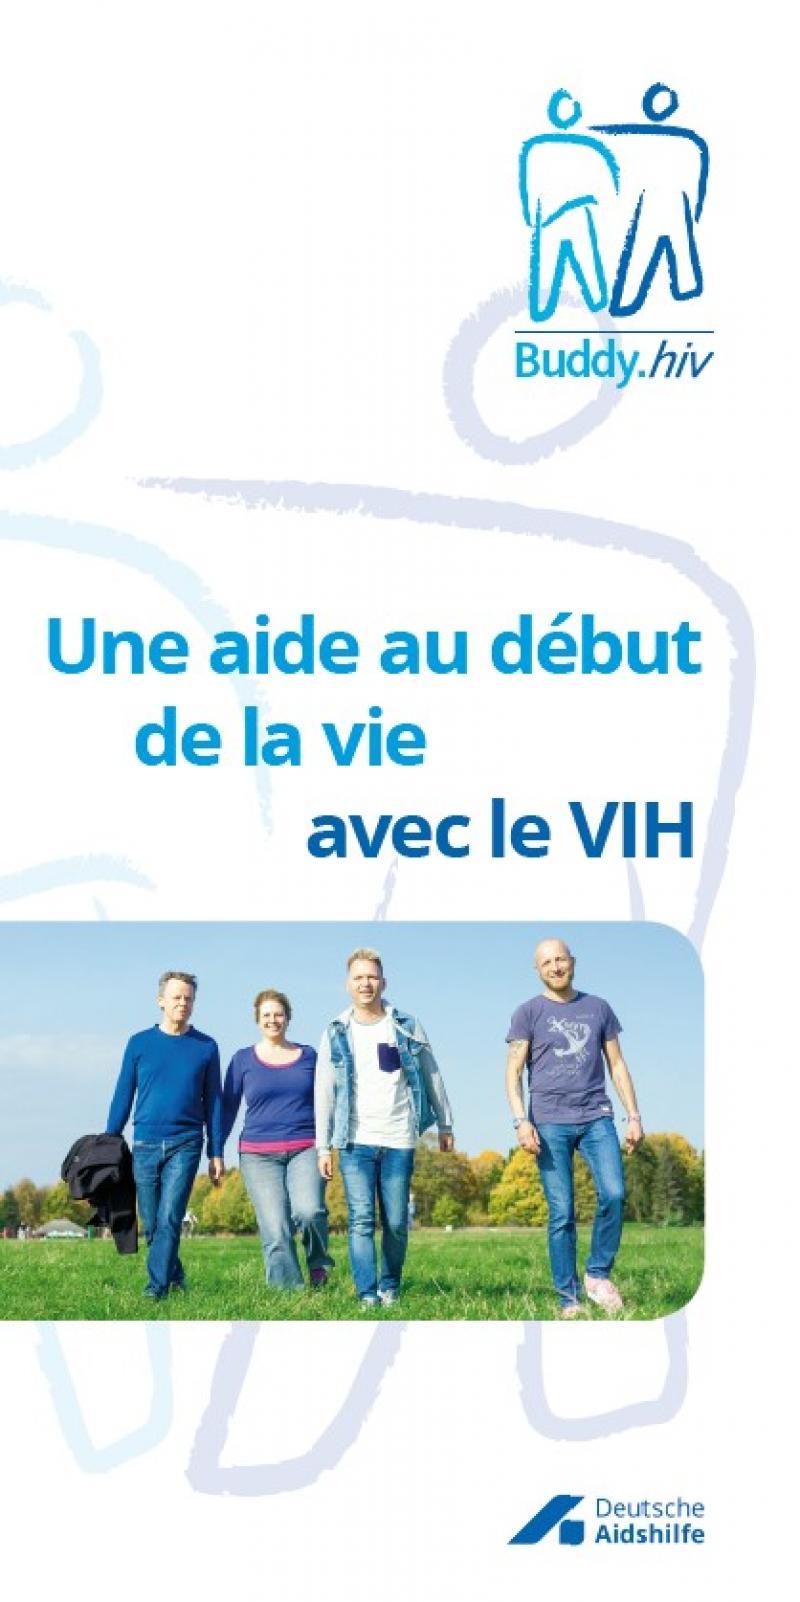 Weißer Hintergrund. Symbol des Buddy Projektes. Foto von vier Personen, die über eine Wiese laufen.